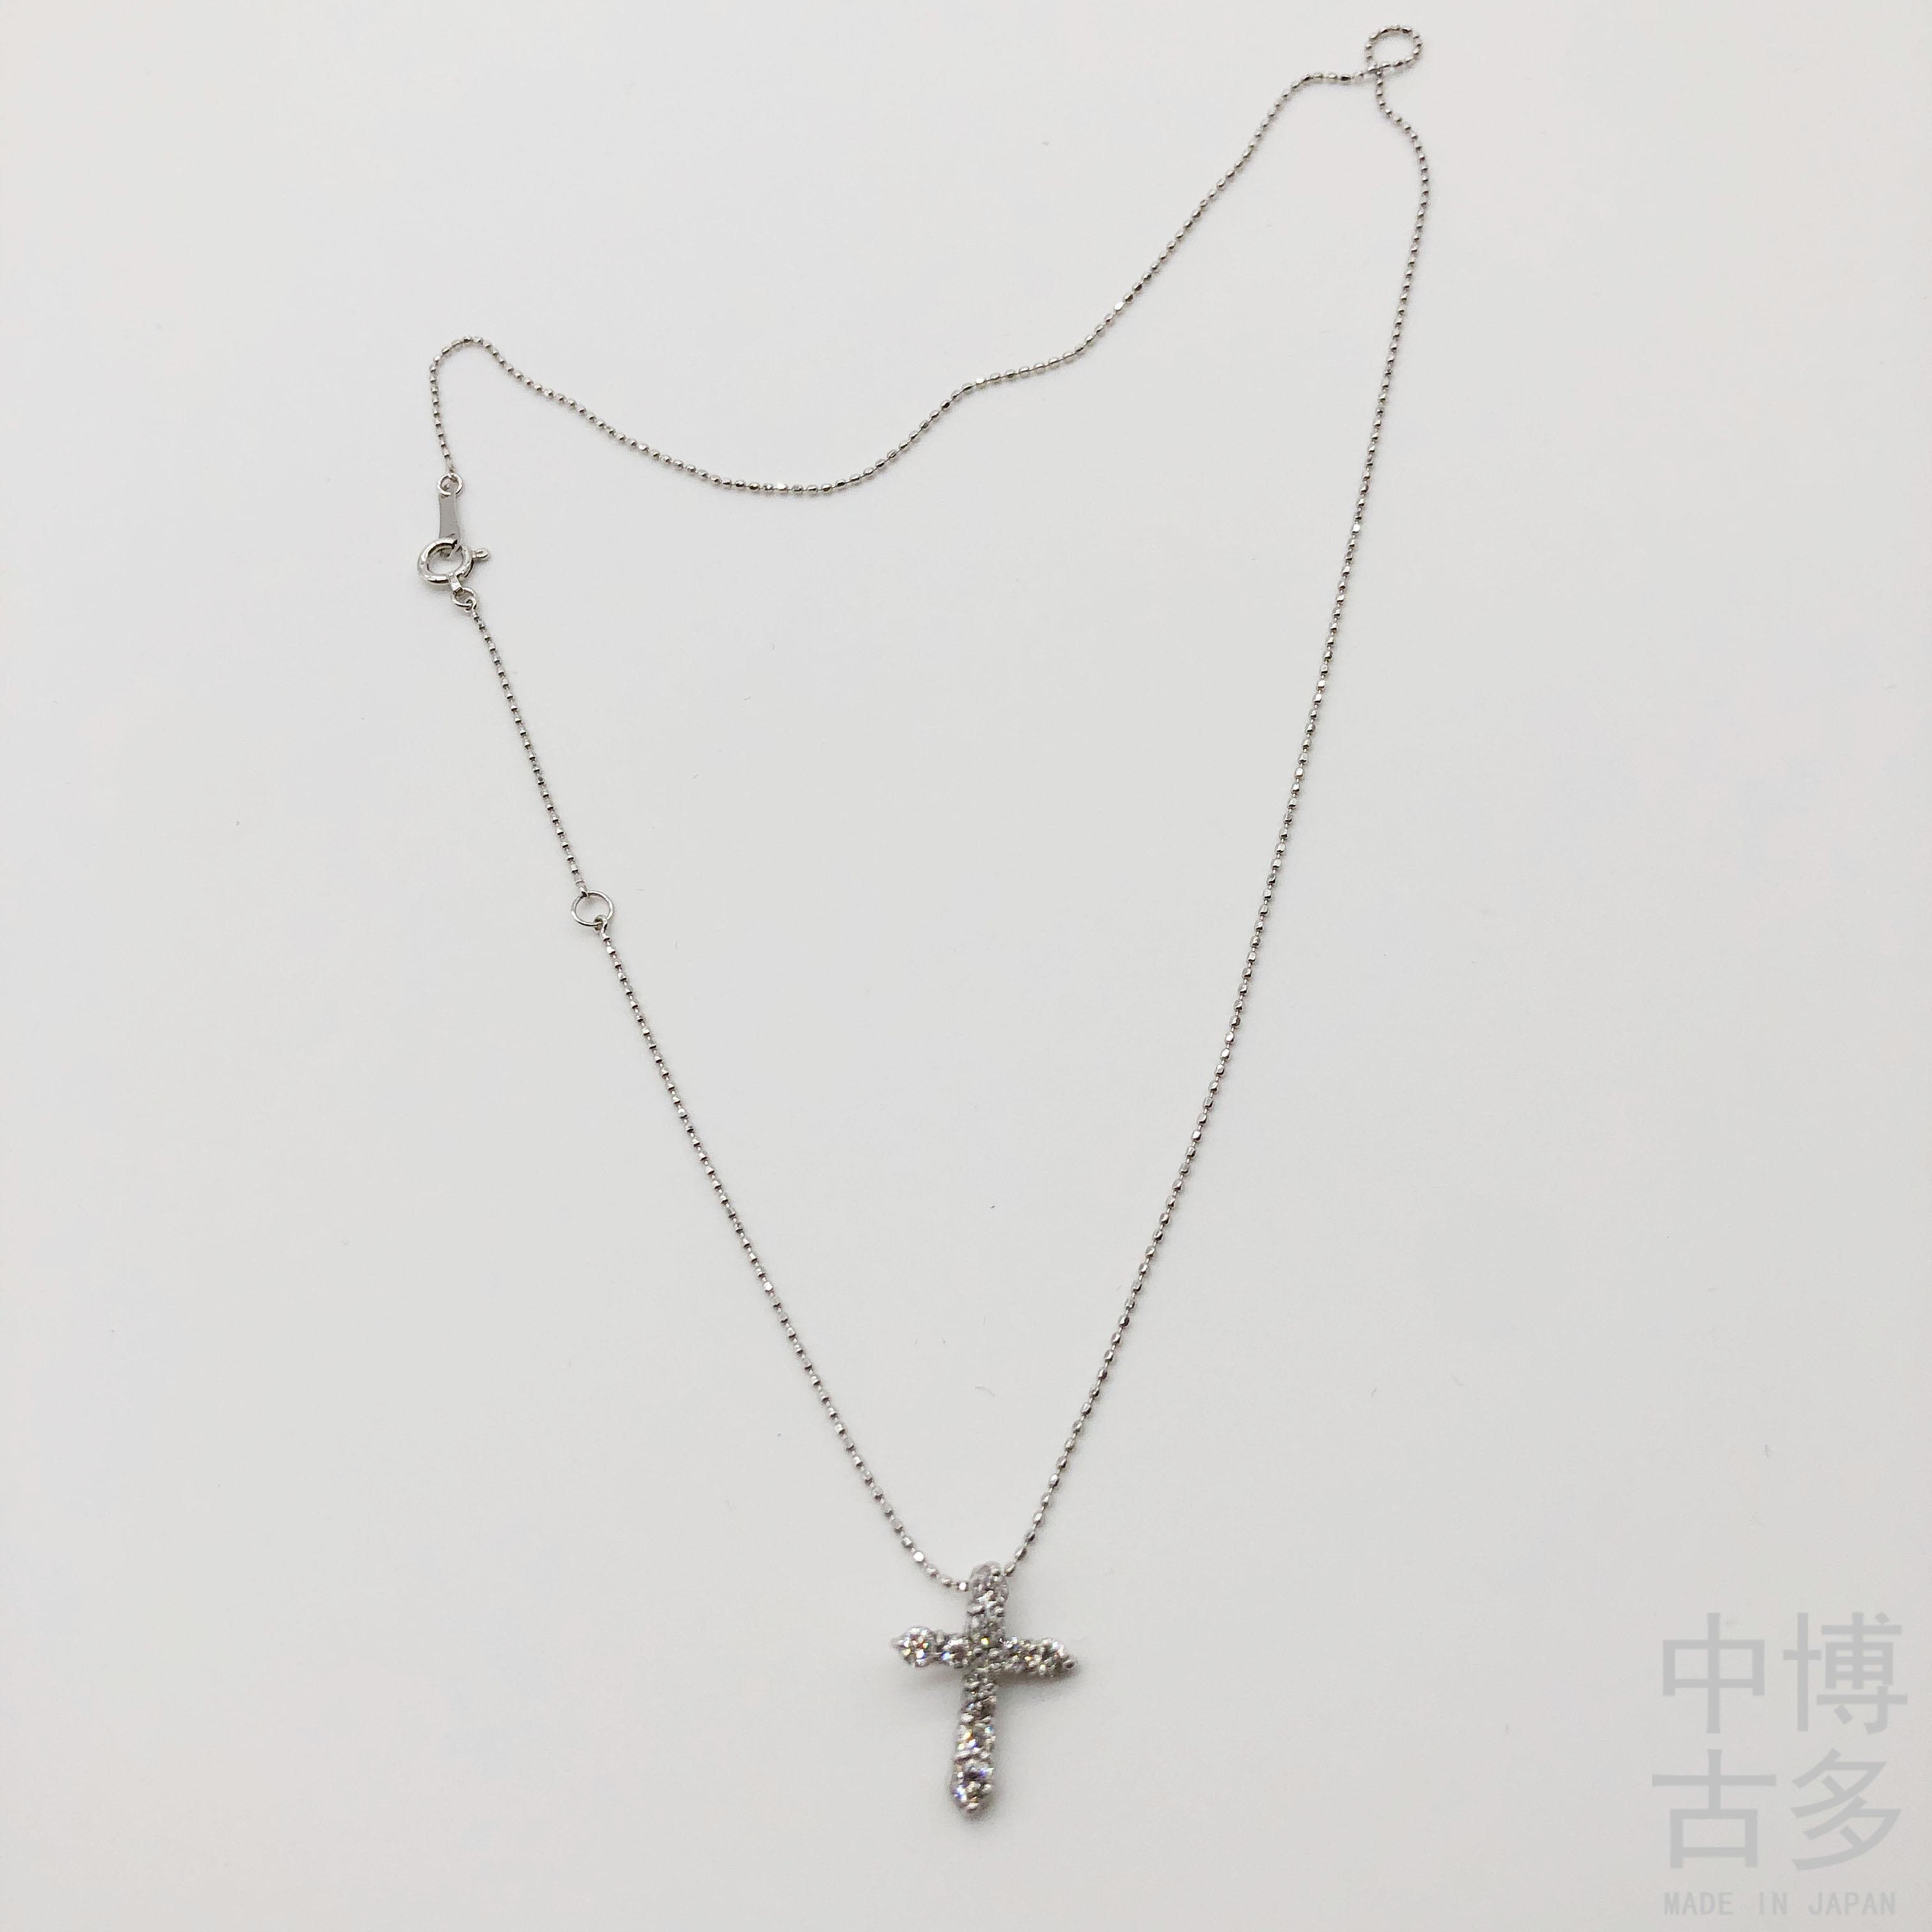 日本中古K金珠宝首饰 K18白金  钻石镶嵌钻石D/0.50 项链顺丰秒发